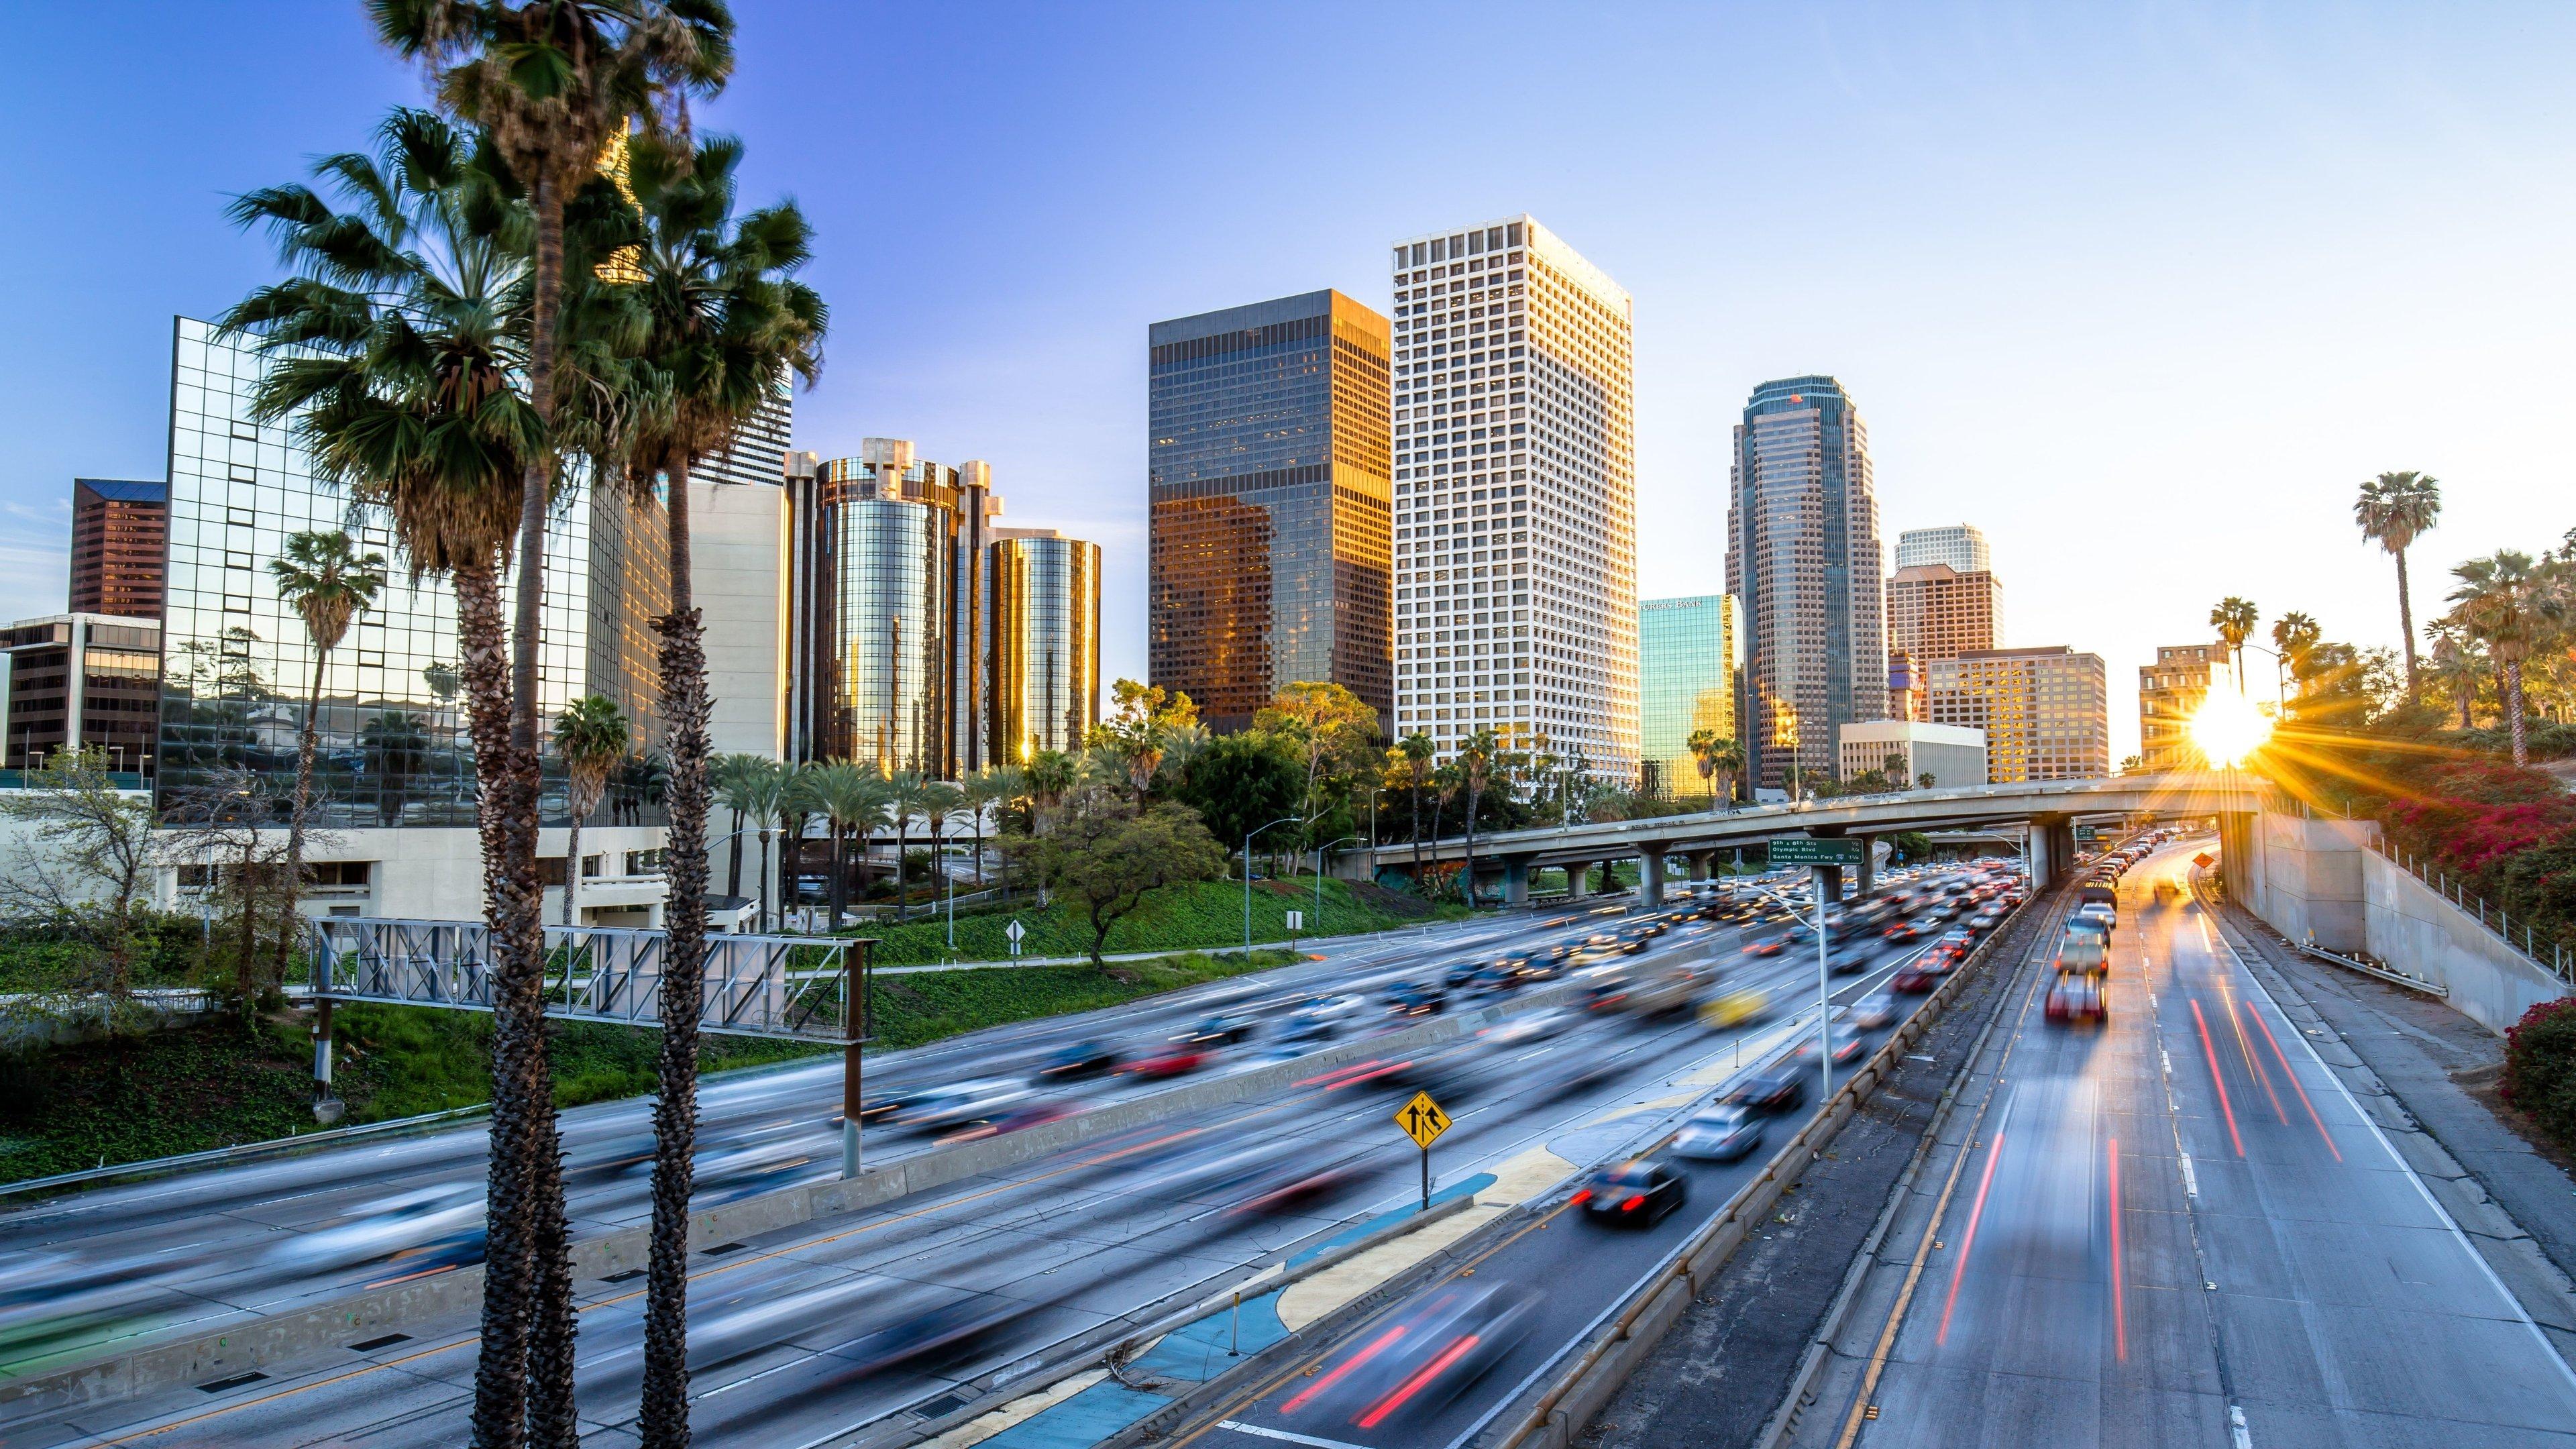 Los Angeles Downtown Buildings Skyline Highway Traffic Premium 4K 3840x2160